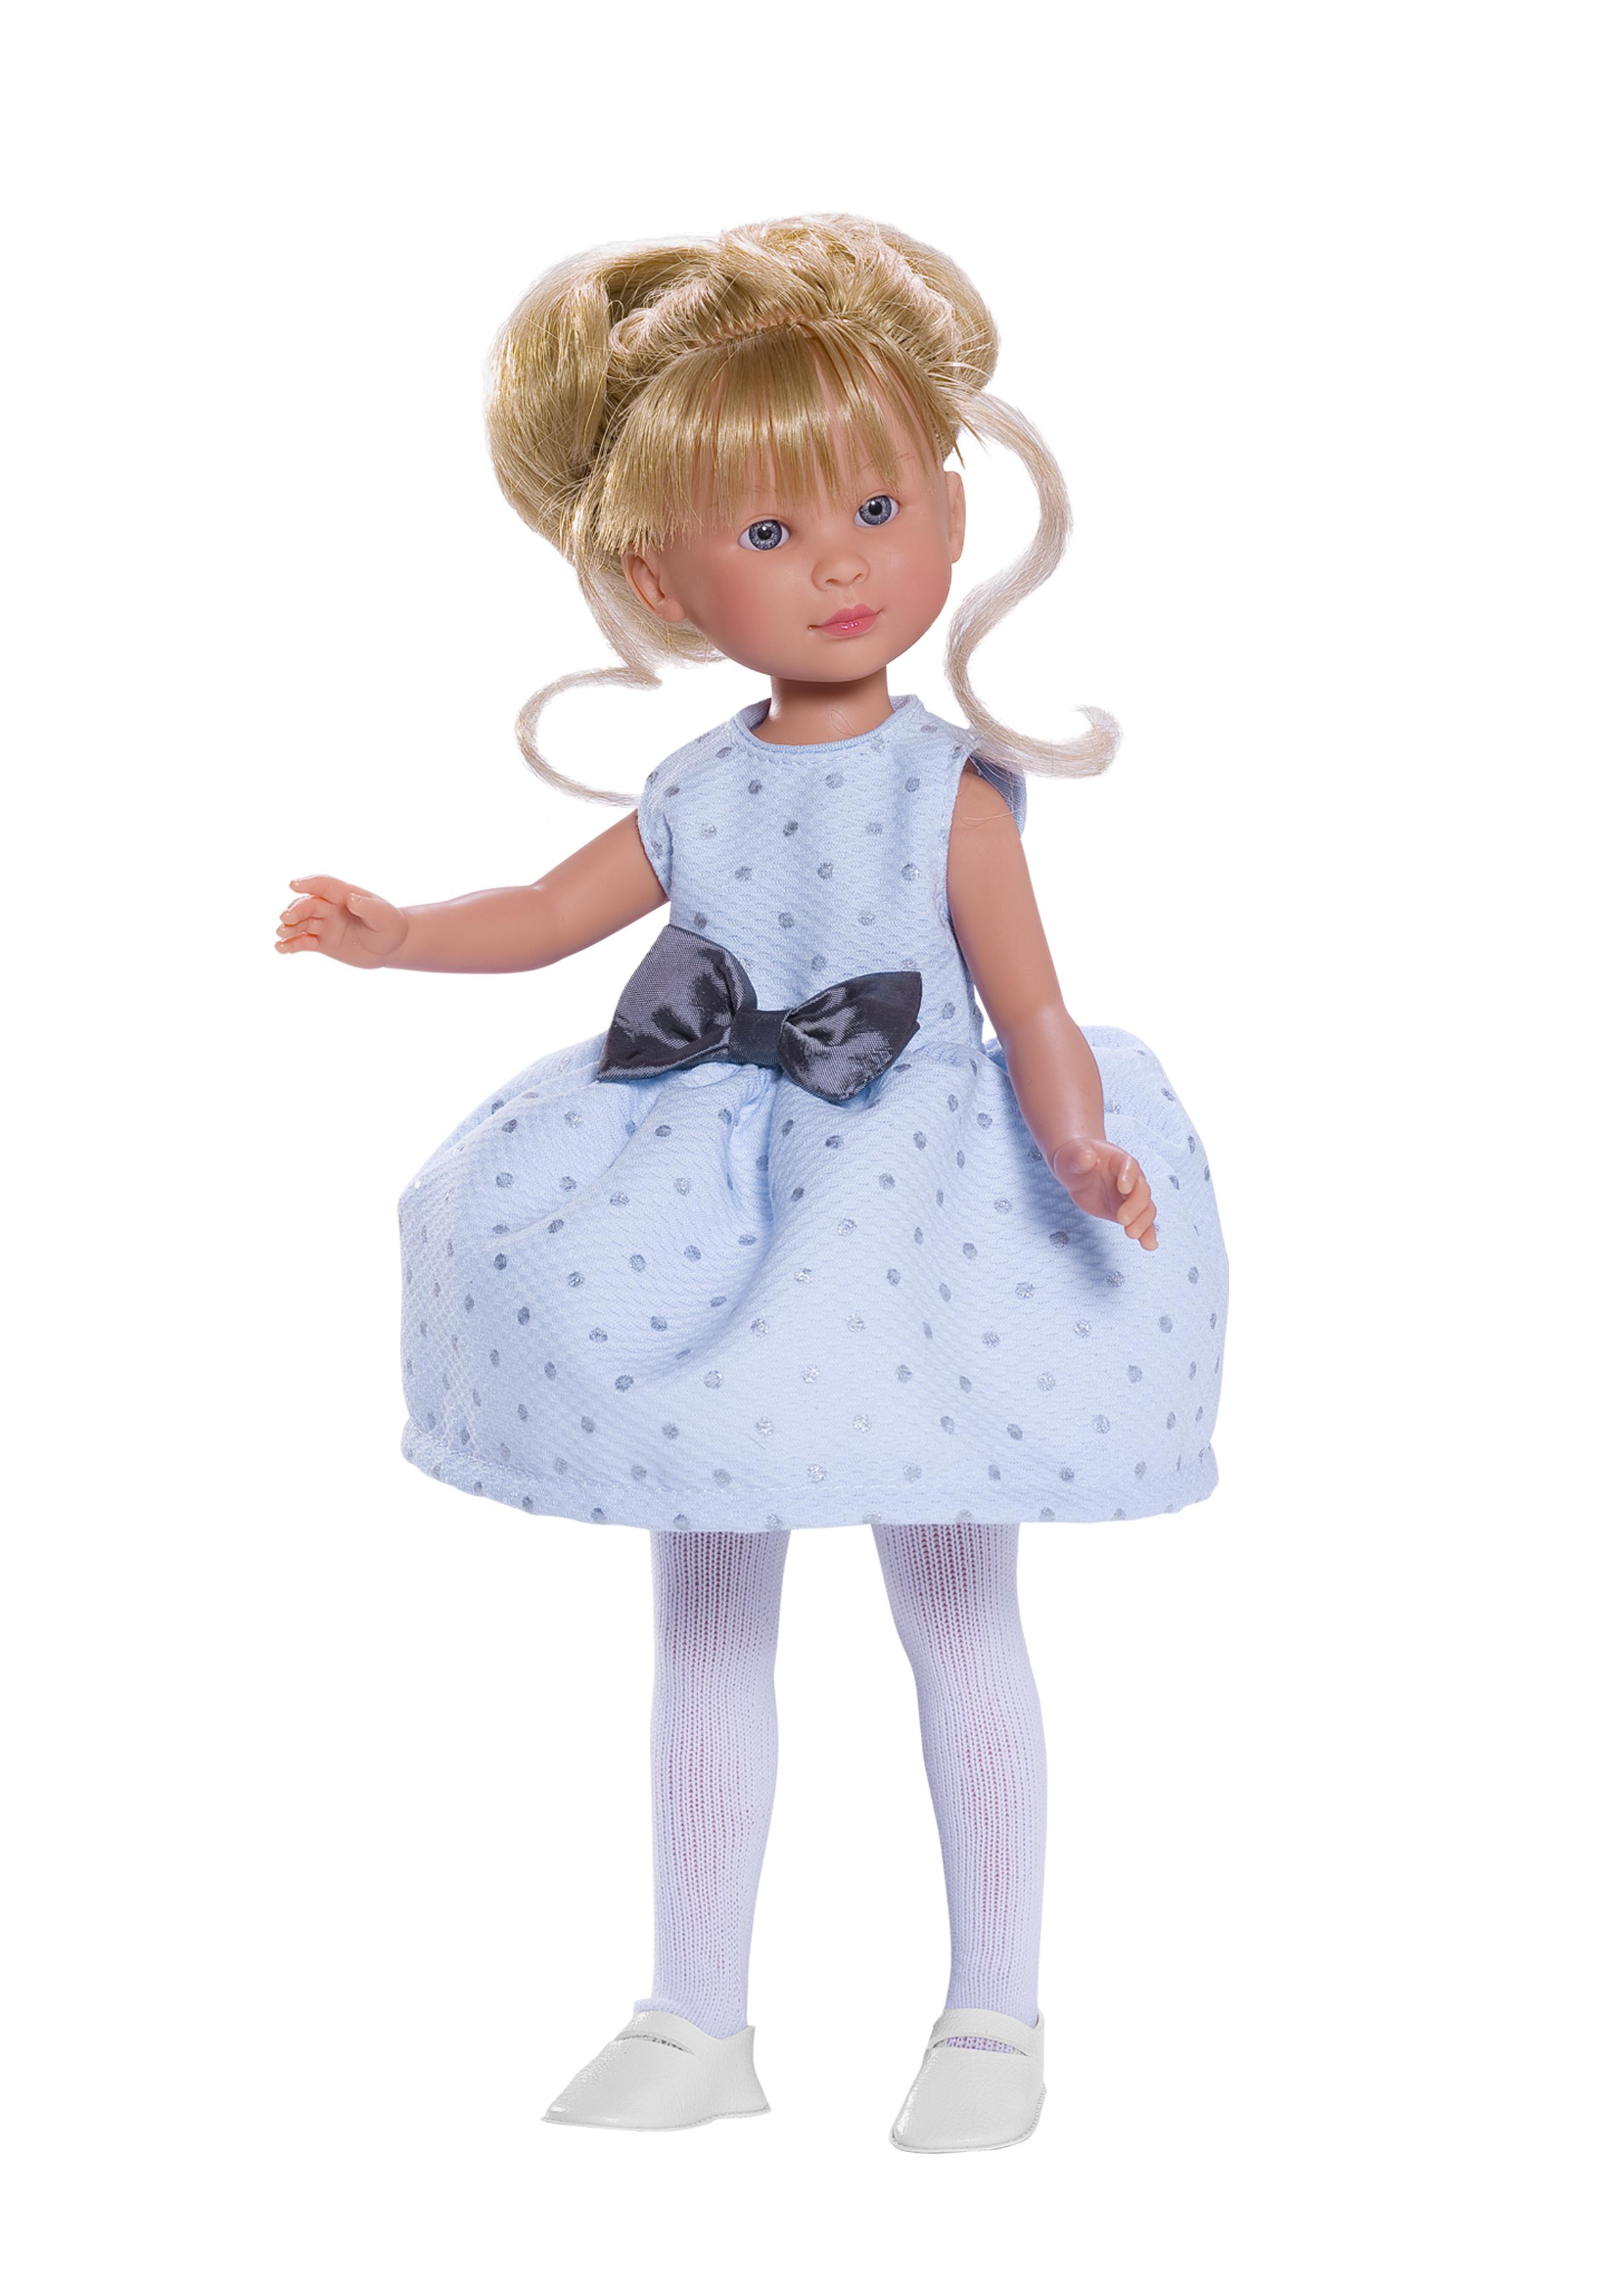 Кукла Селия в голубом платье, 30 см.Куклы ASI (Испания)<br>Кукла Селия в голубом платье, 30 см.<br>